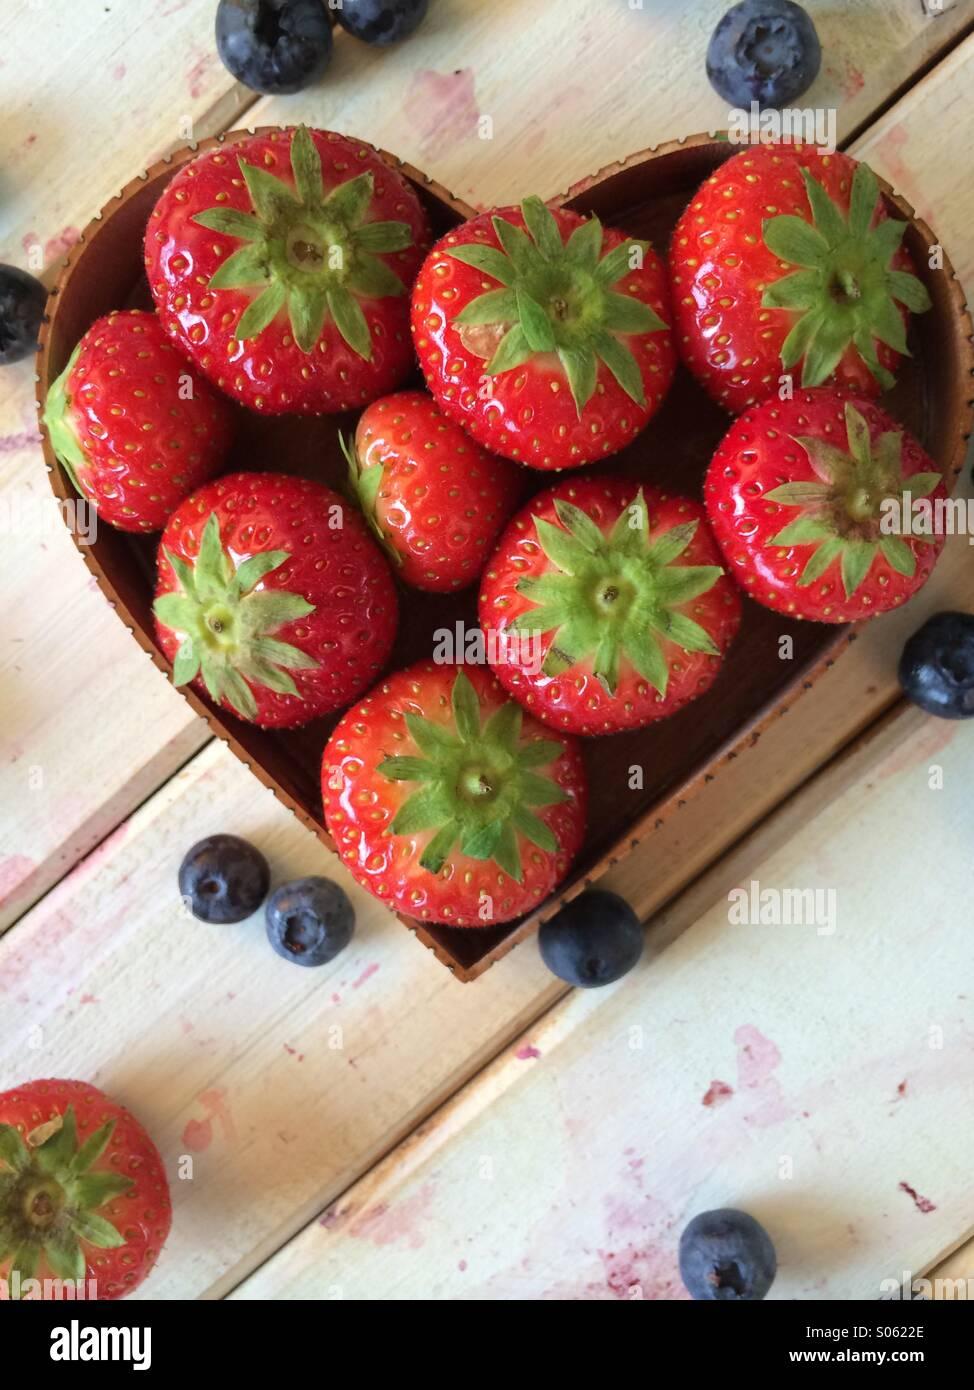 Frische Erdbeeren in Liebe Herd Form Korb und Blaubeeren auf Vintage Tisch im Retro-Stil Hintergrund Stockbild